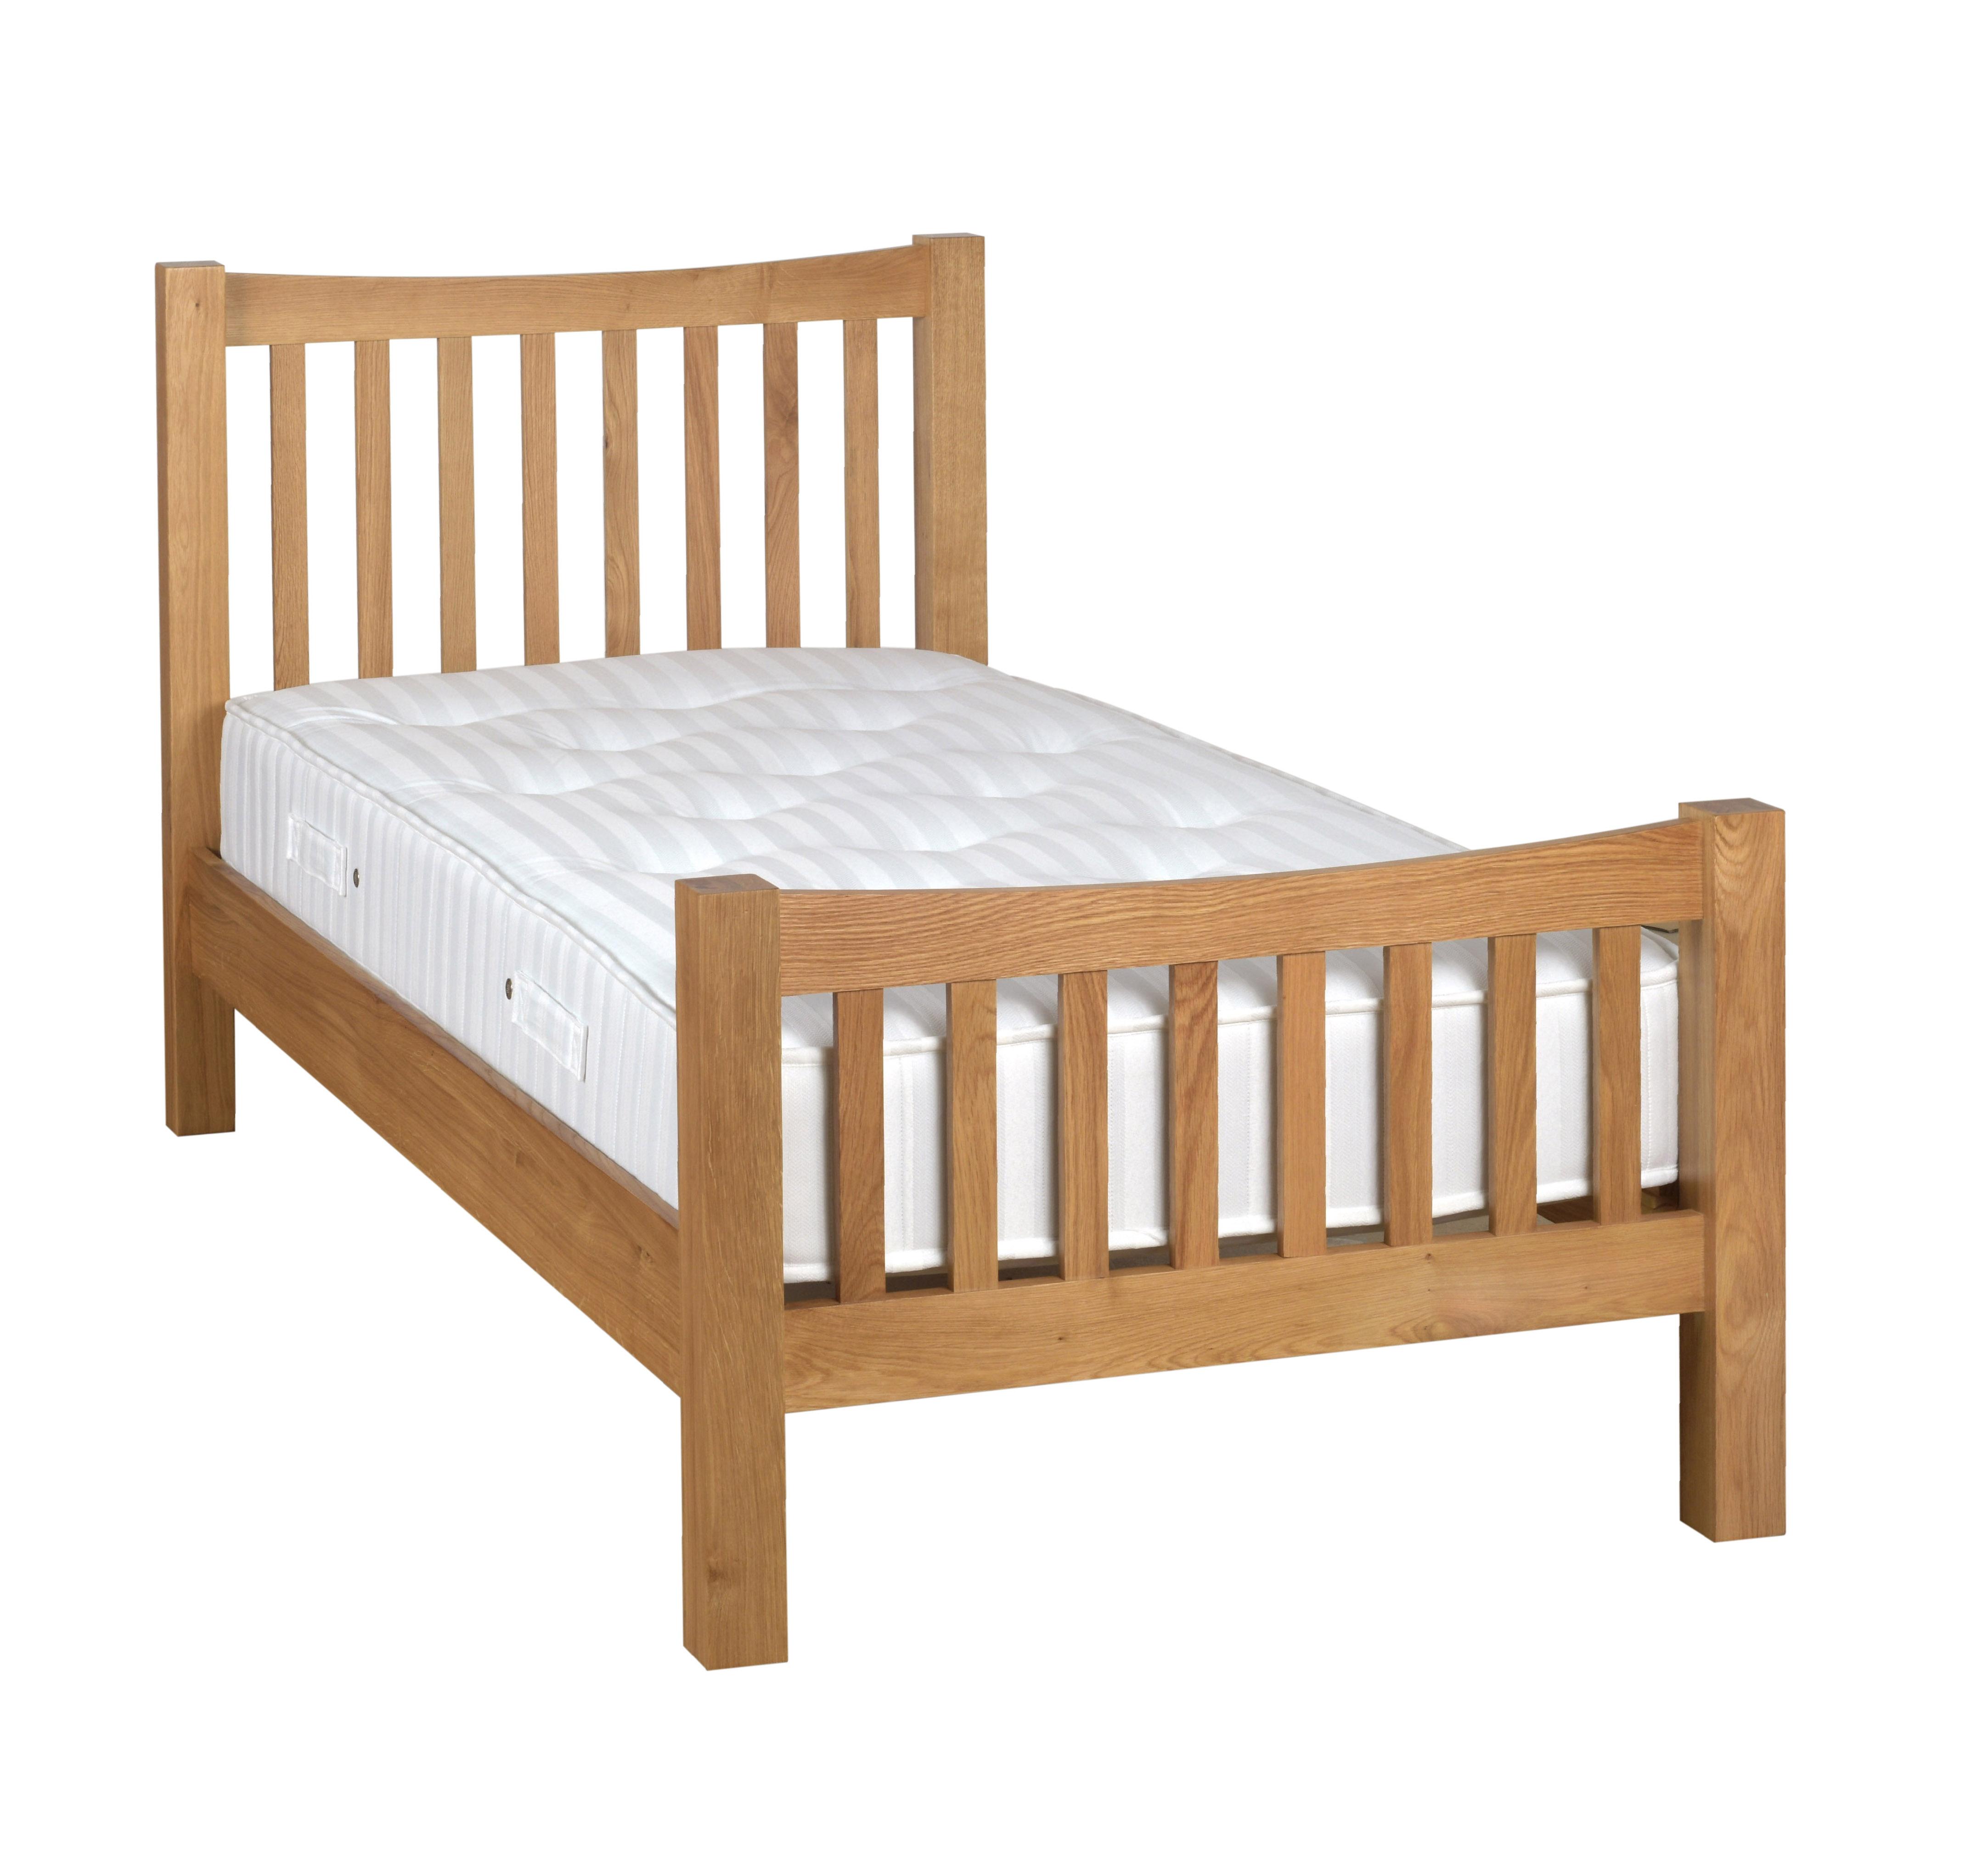 DORCHESTER OAK 3' Slatted Bed